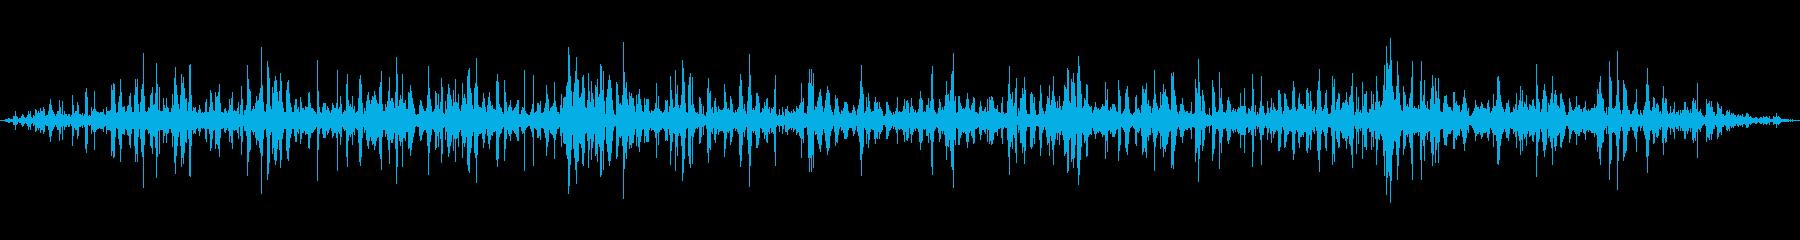 [ASMR]波打ち際の音_001の再生済みの波形